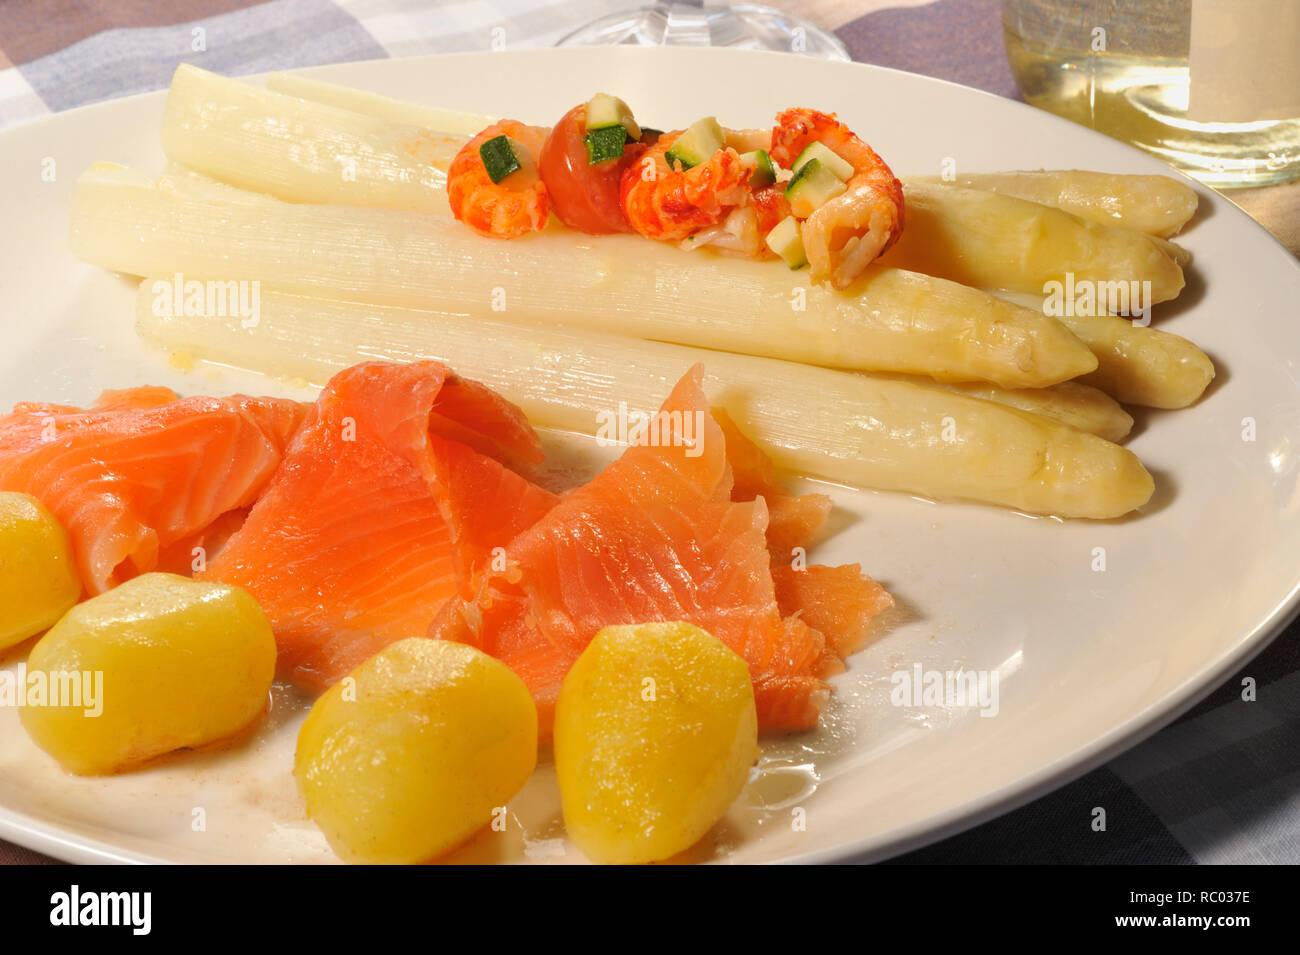 weißer Stangenspargel mit bebeiztem Lachs und Flusskrebsen | white Asparagus with river crayfish and smoked salmon - Stock Image